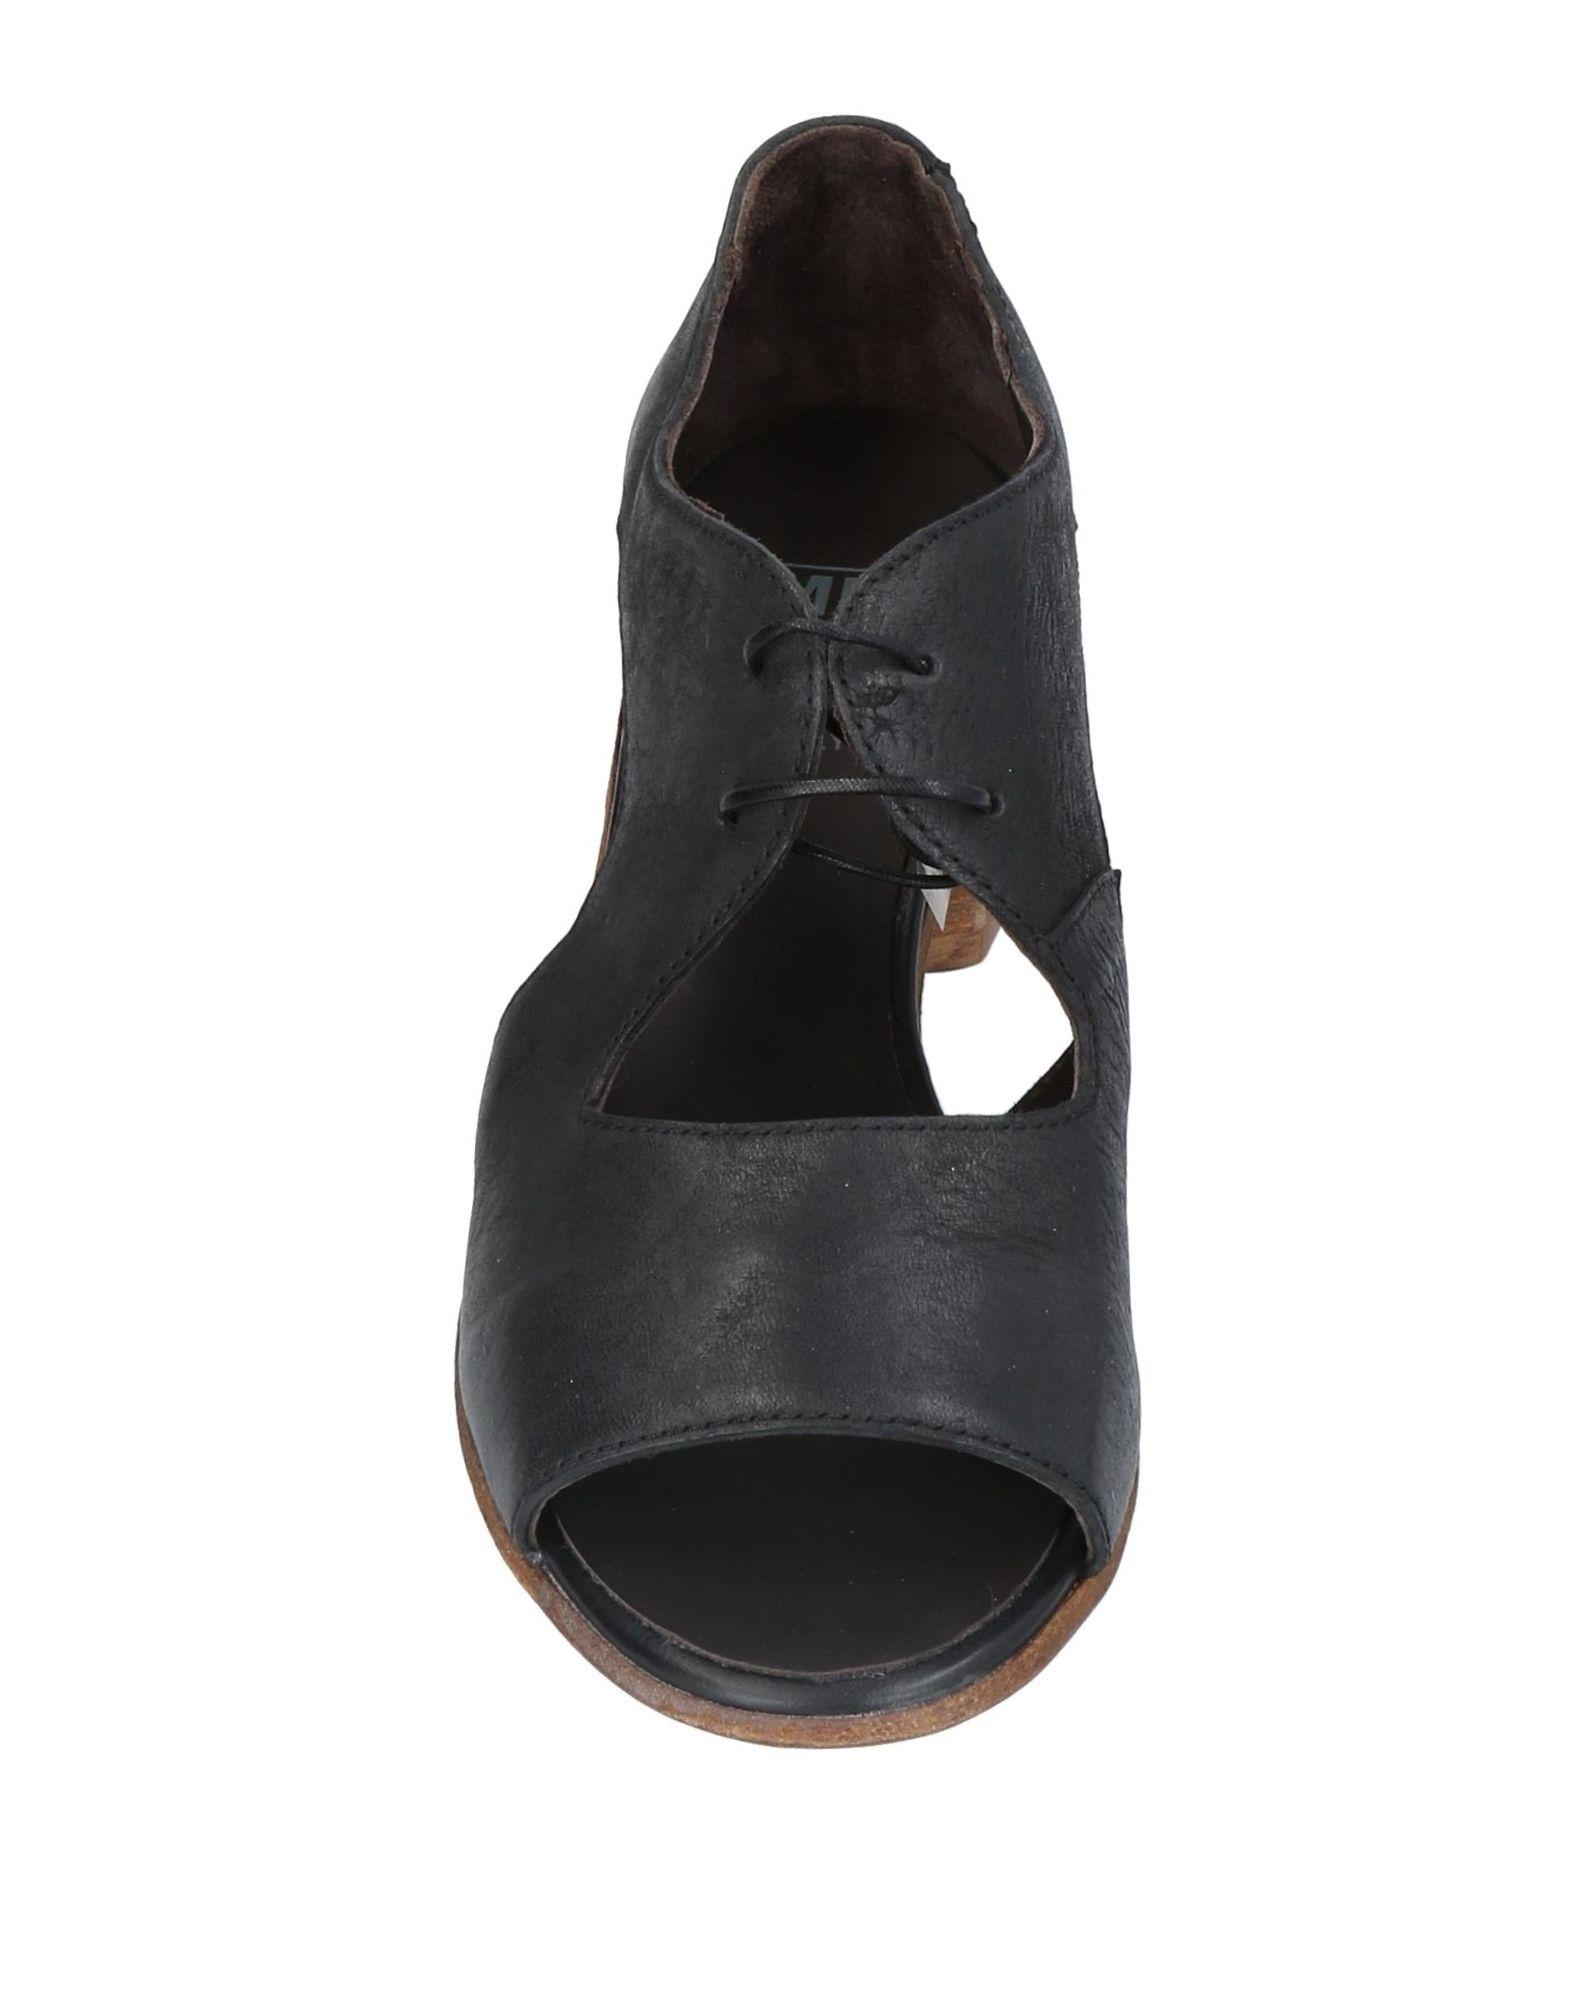 Sandales Moma Femme - Sandales Moma sur